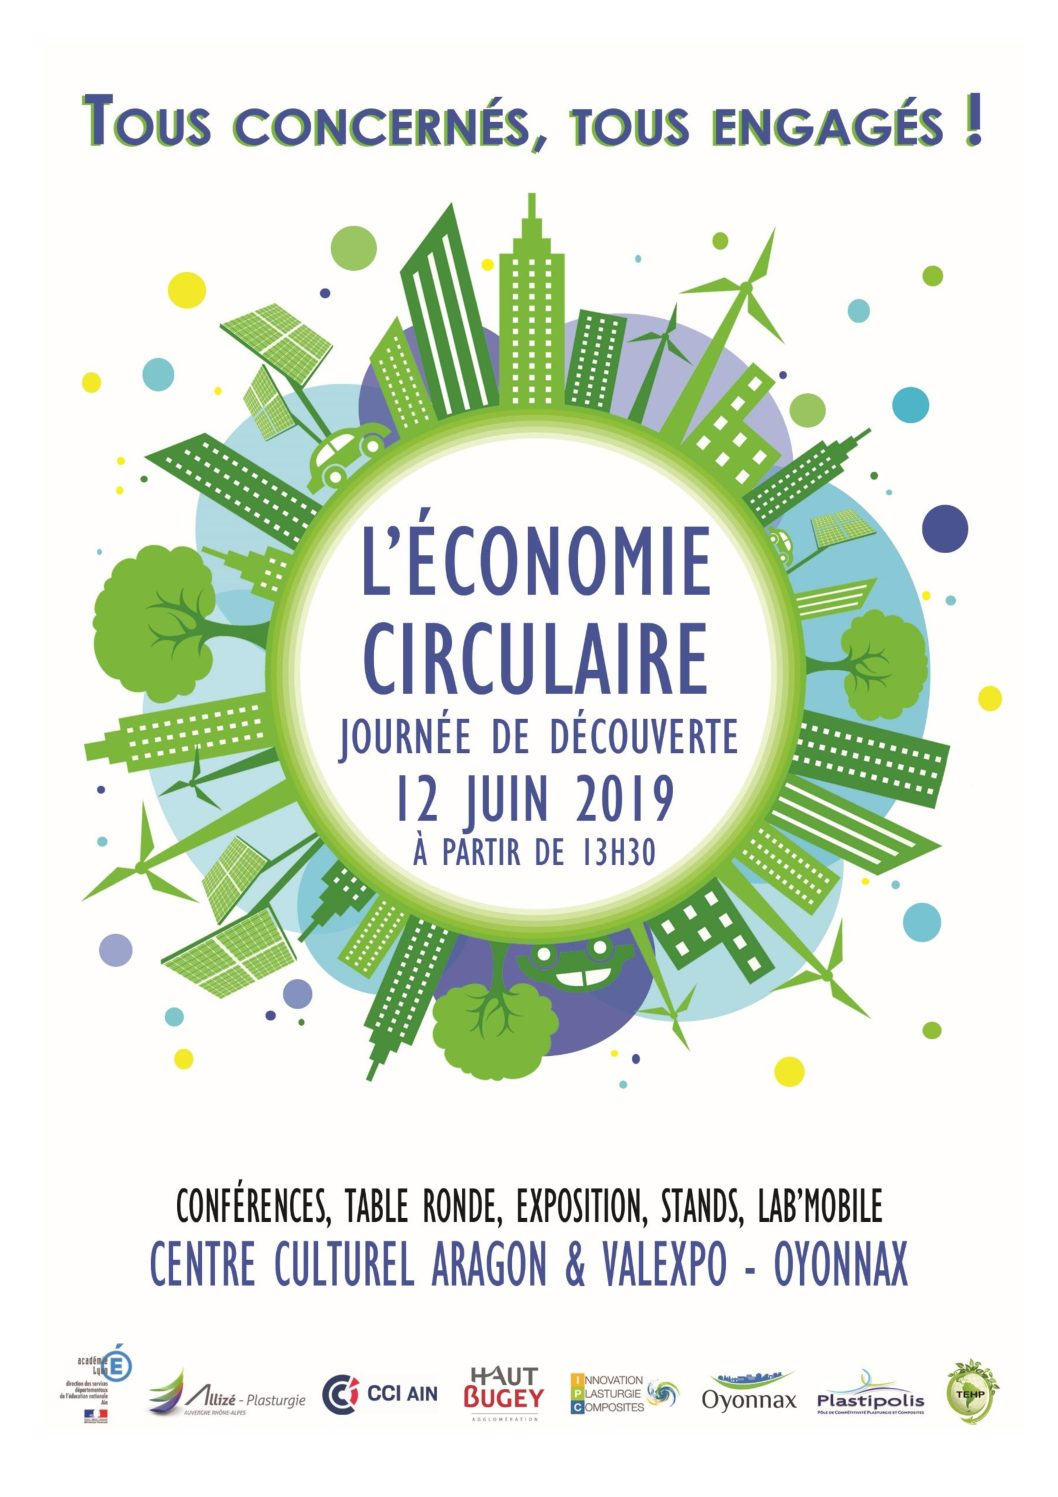 économie circulaire journée découverte juin 2019